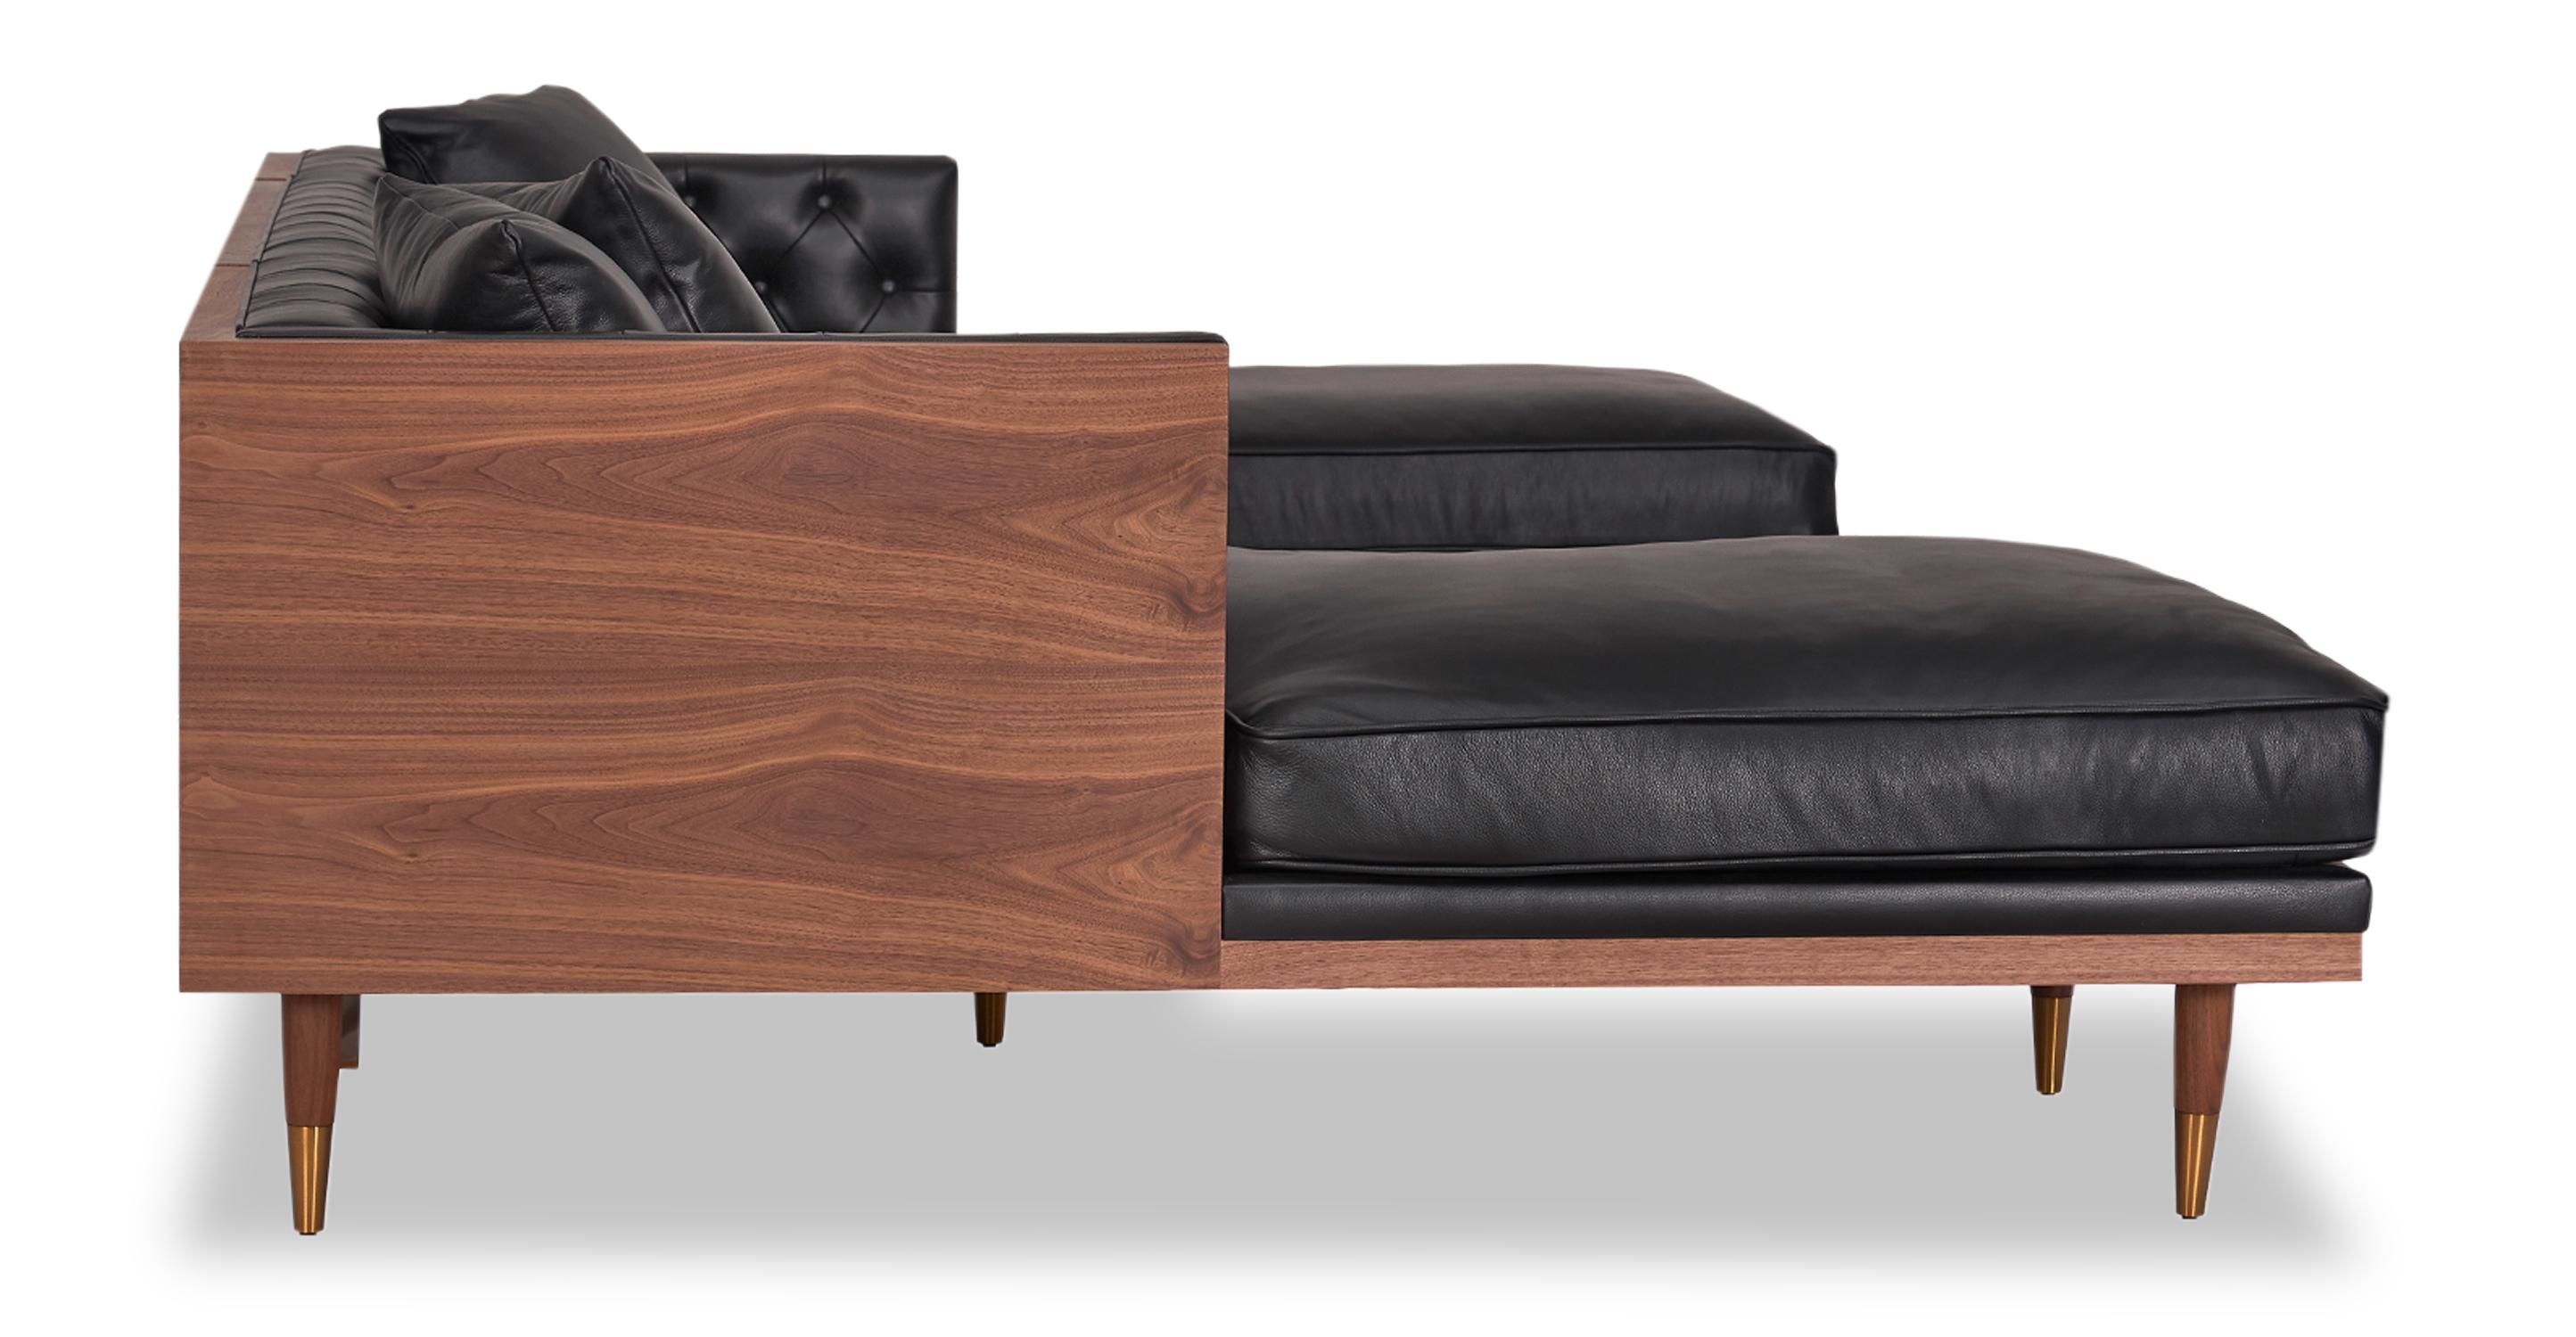 Woodrow Neo Sofa U-Sectional, Walnut/Black Aniline